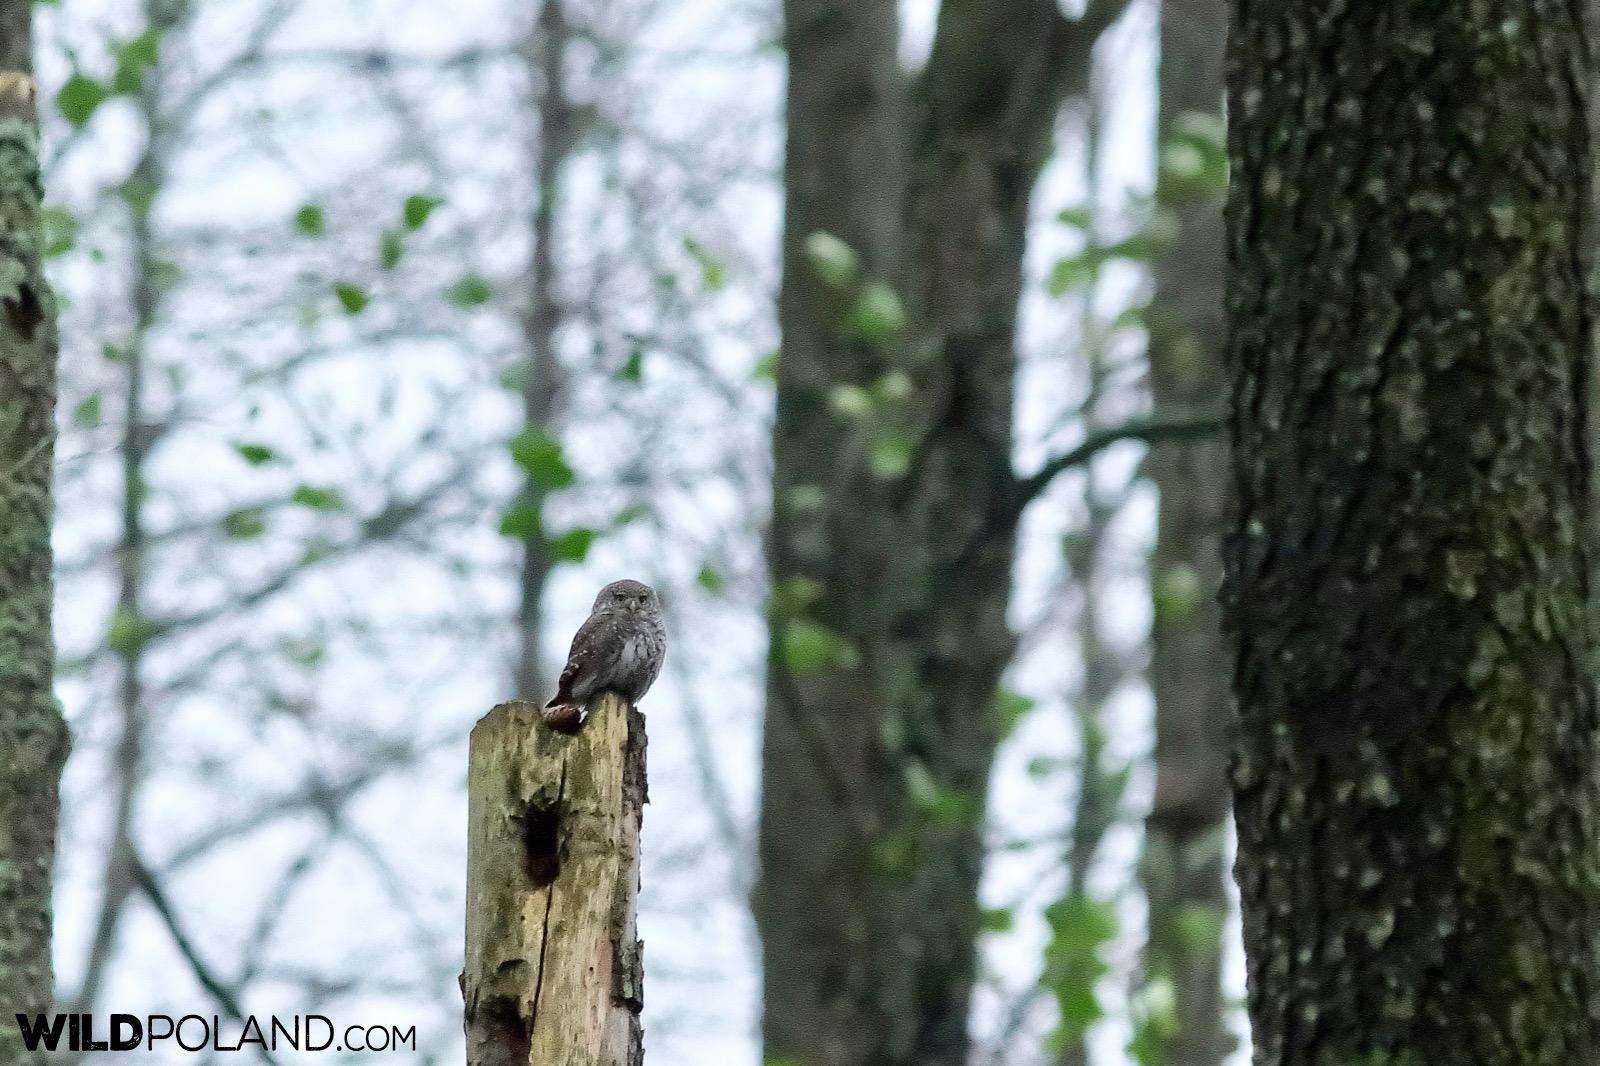 Pygmy owl in Białowieża Forest, photo by Andrzej Petryna